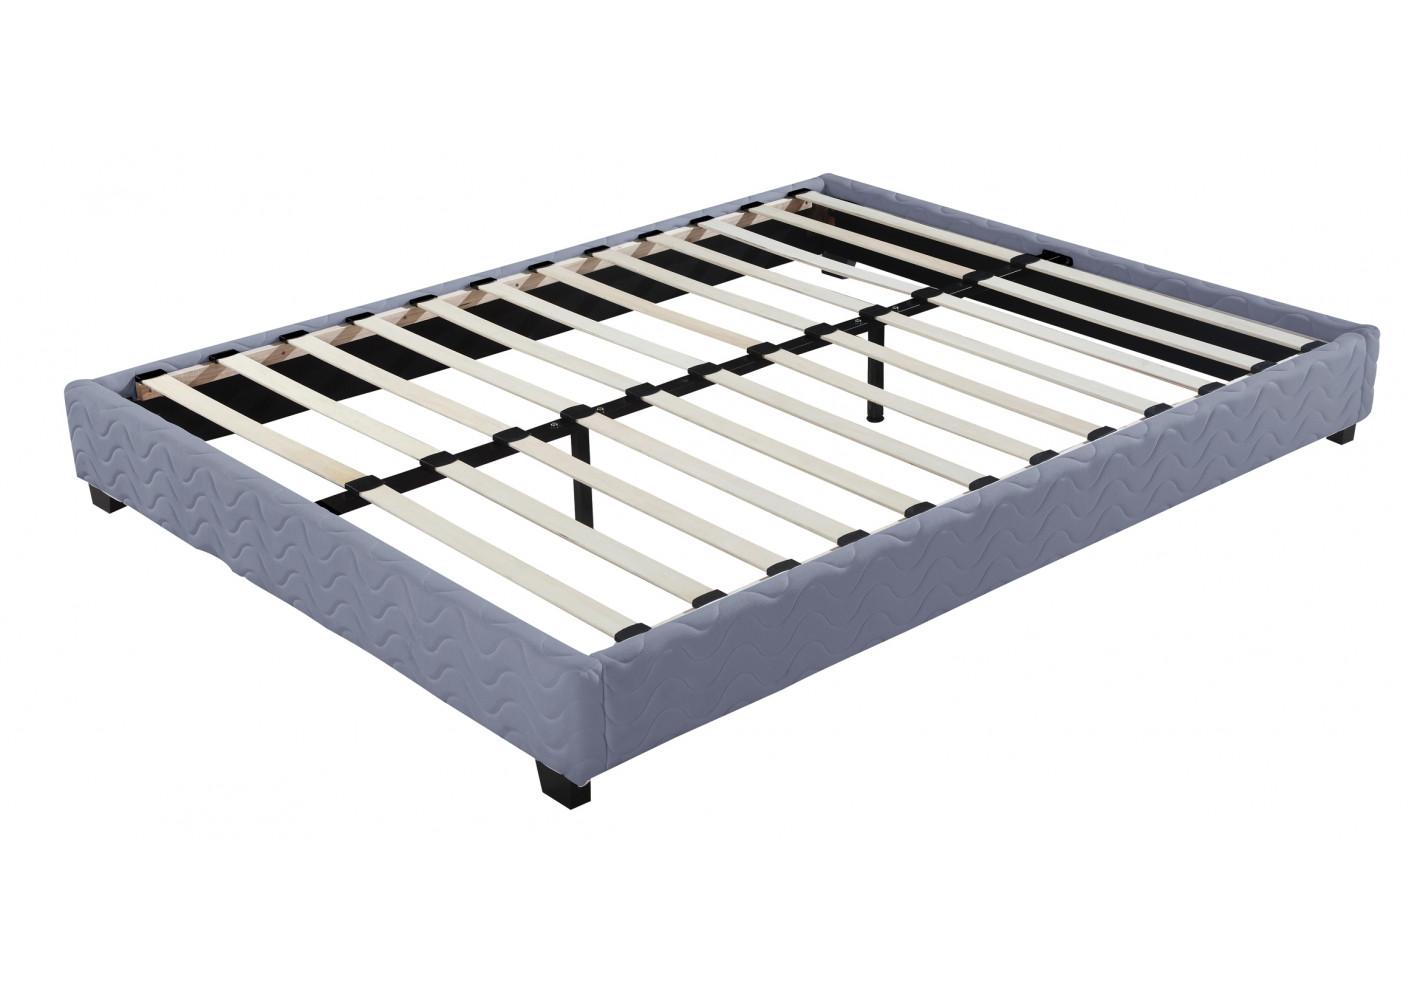 sommier tapissier divan 160x200 cm gris lits 2 places chambre. Black Bedroom Furniture Sets. Home Design Ideas